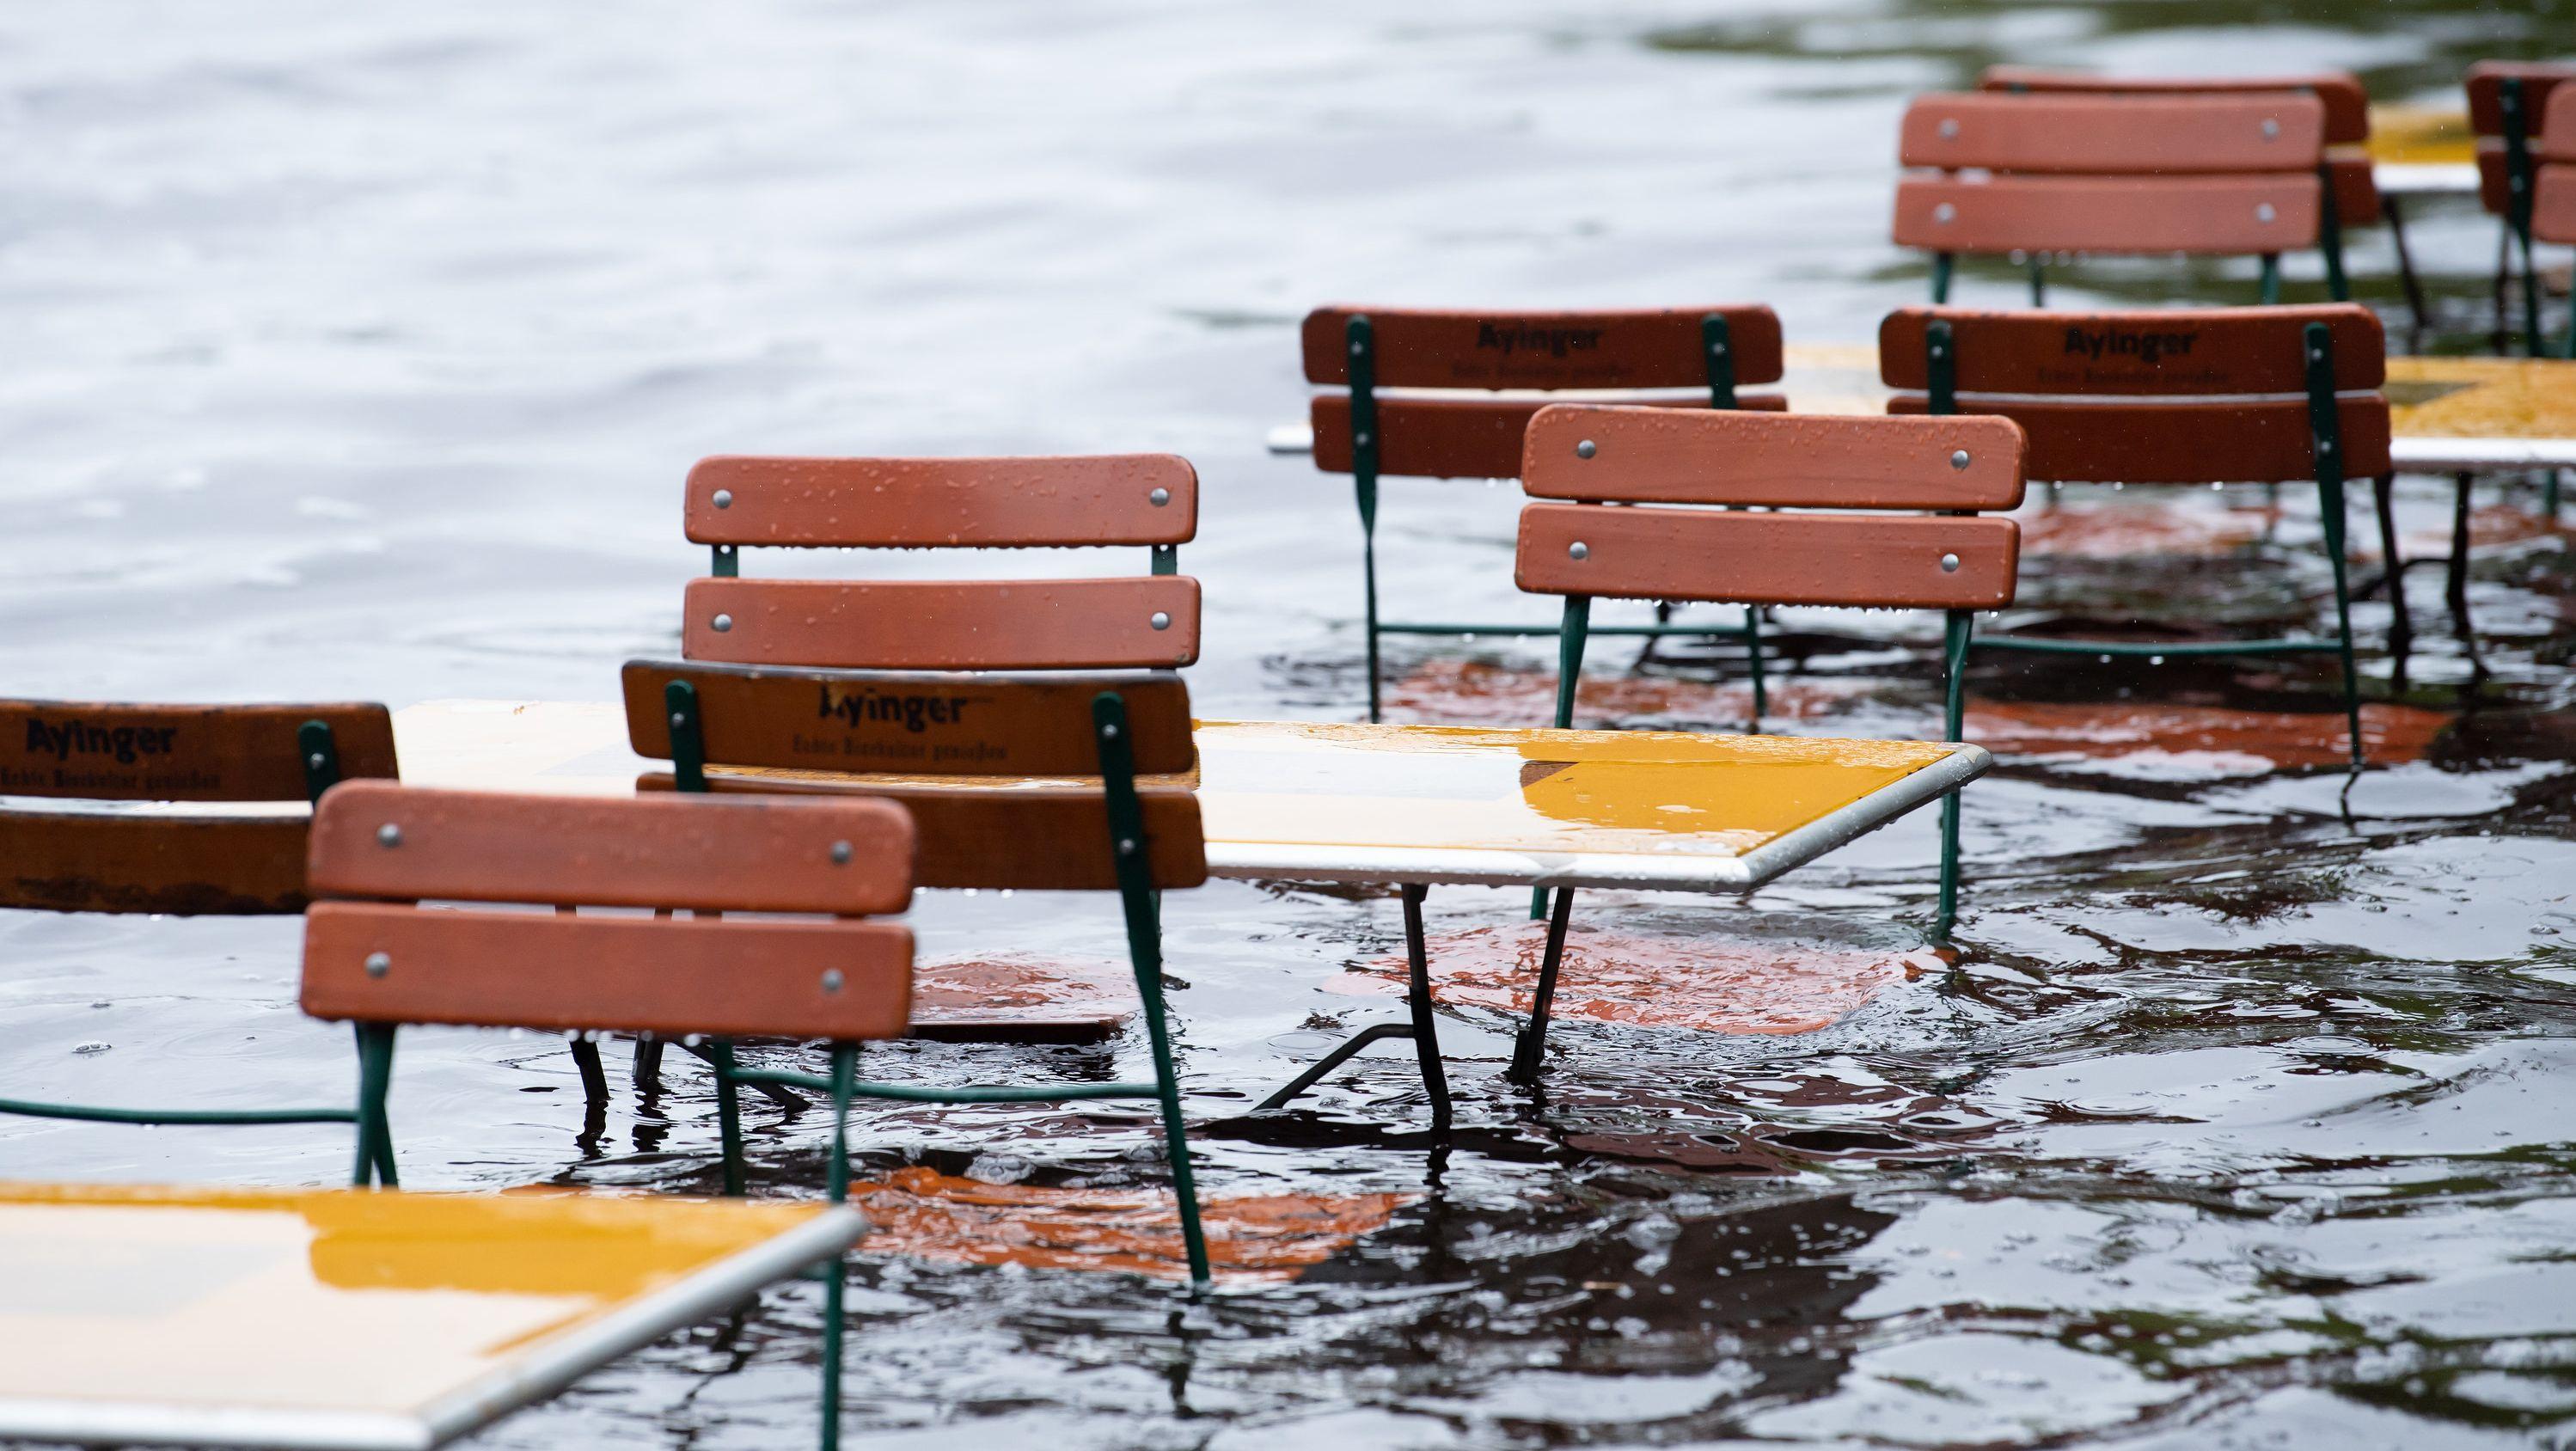 Tische und Stühle eines Biergartens stehen nach starkem Regen unter Wasser